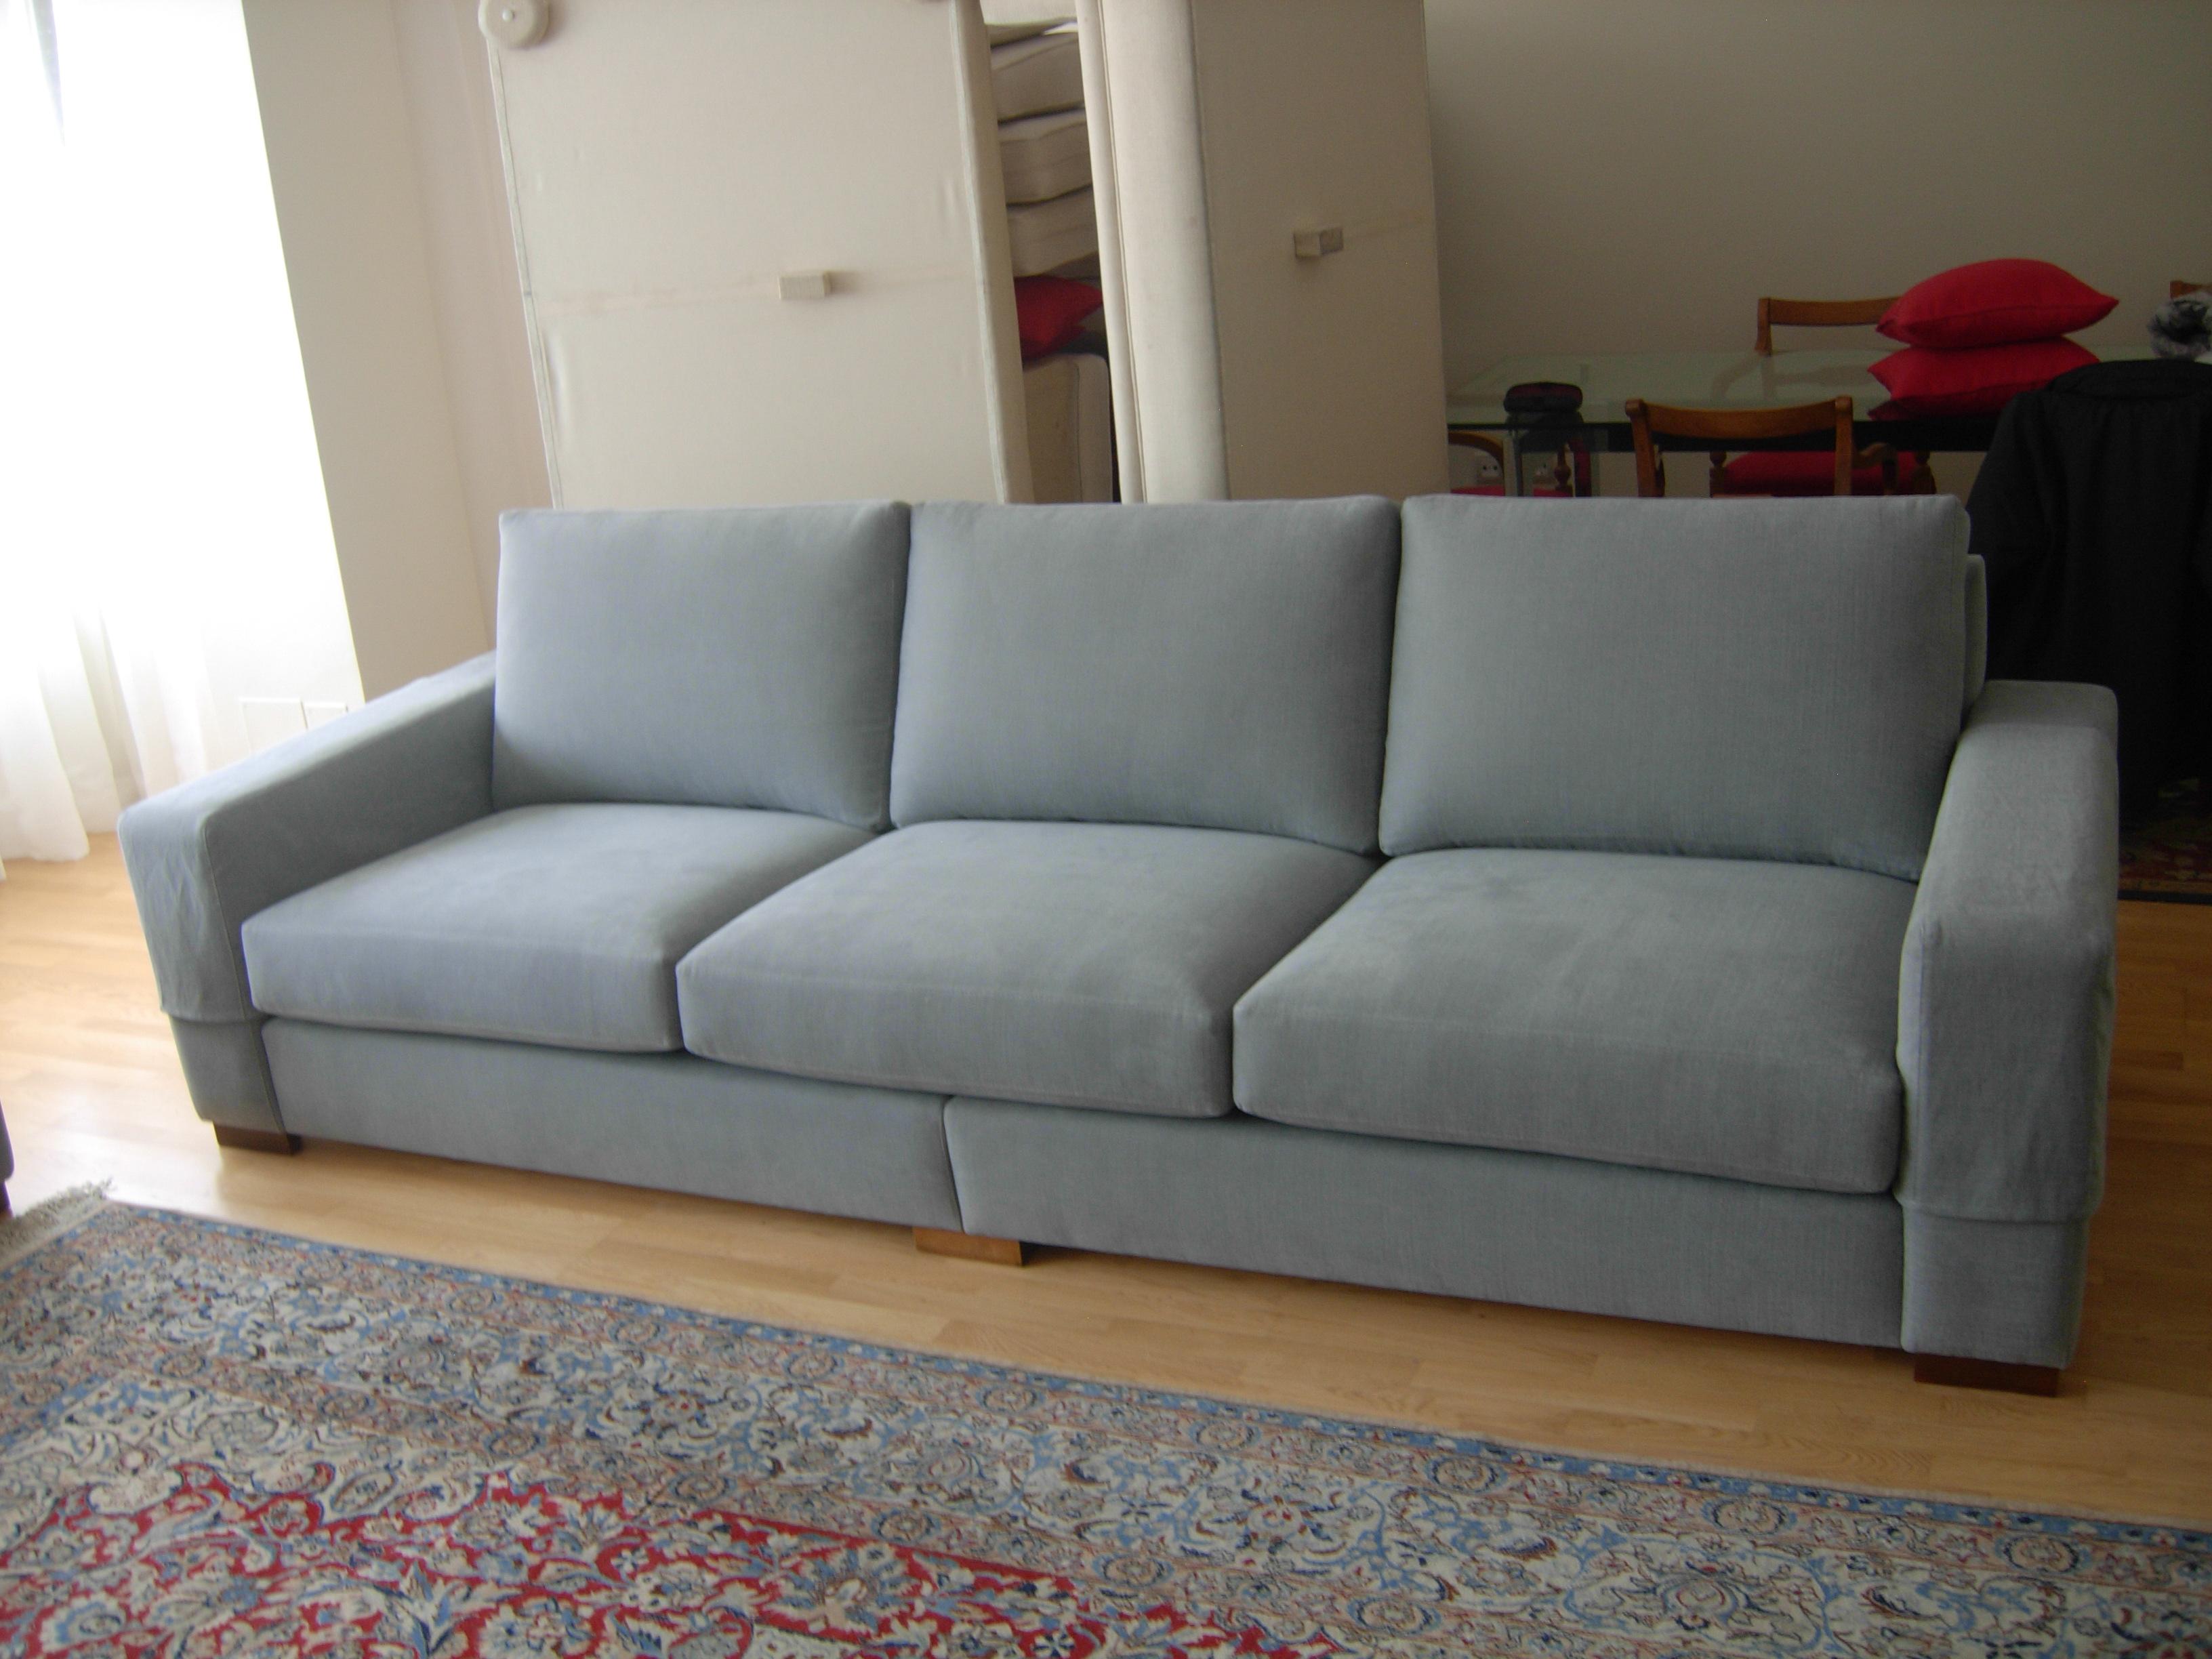 Sofa mirlo 3 tapizados artesanos tapizados artesanos - Artesanos del sofa ...